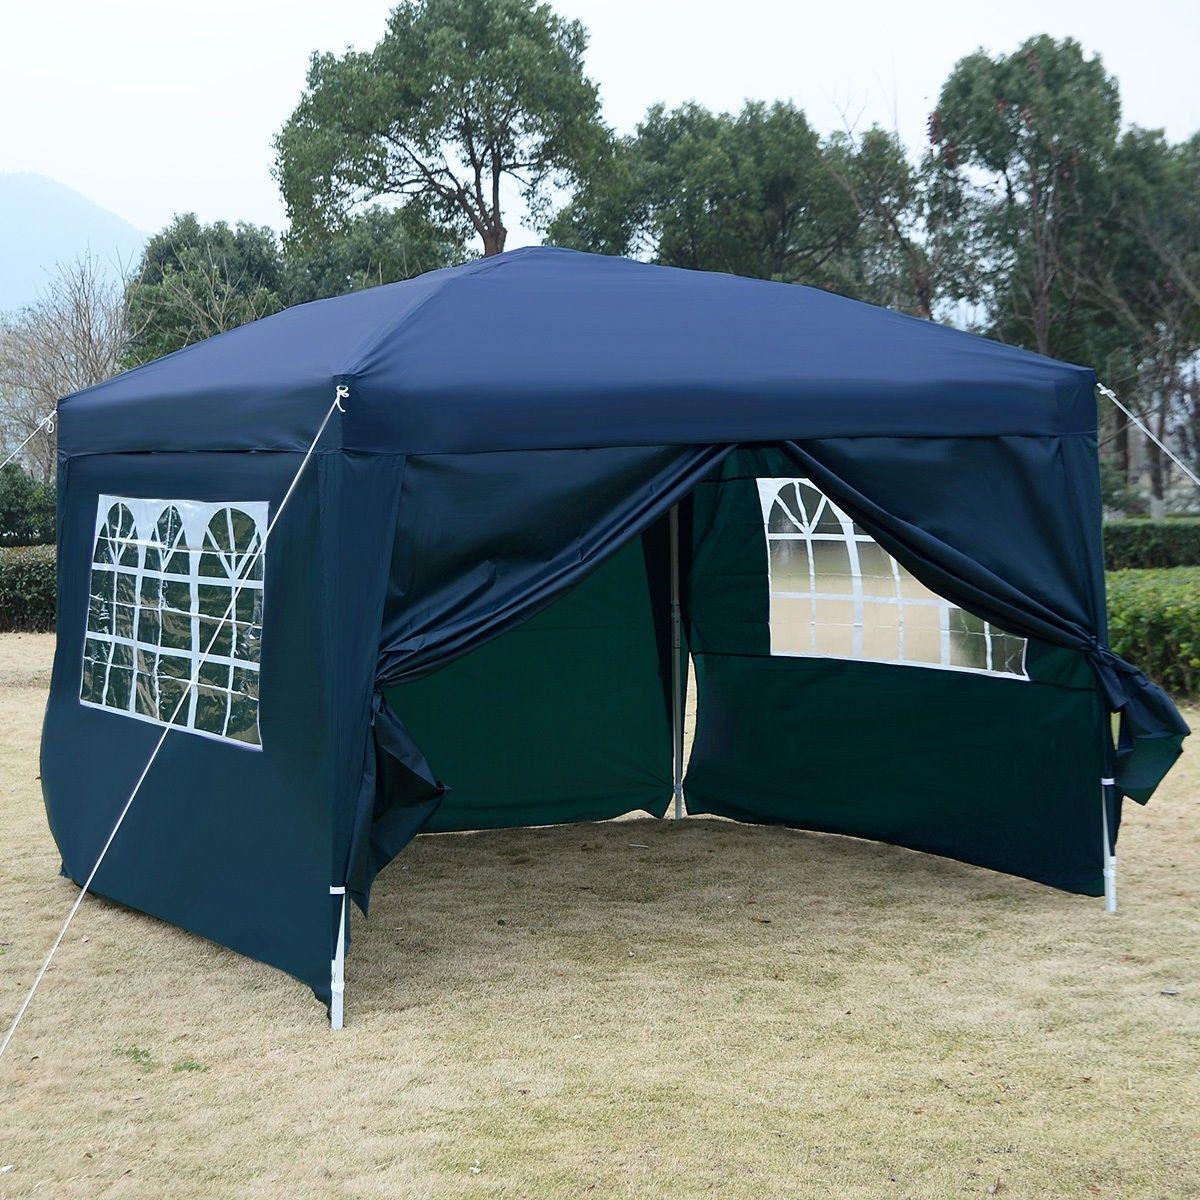 GOPLUS 10u0027X10u0027 EZ POP UP Tent Gazebo Wedding Party Canopy Shelter Carry Bag & GOPLUS 10u0027X10u0027 EZ POP UP Tent Gazebo Wedding Party Canopy Shelter ...